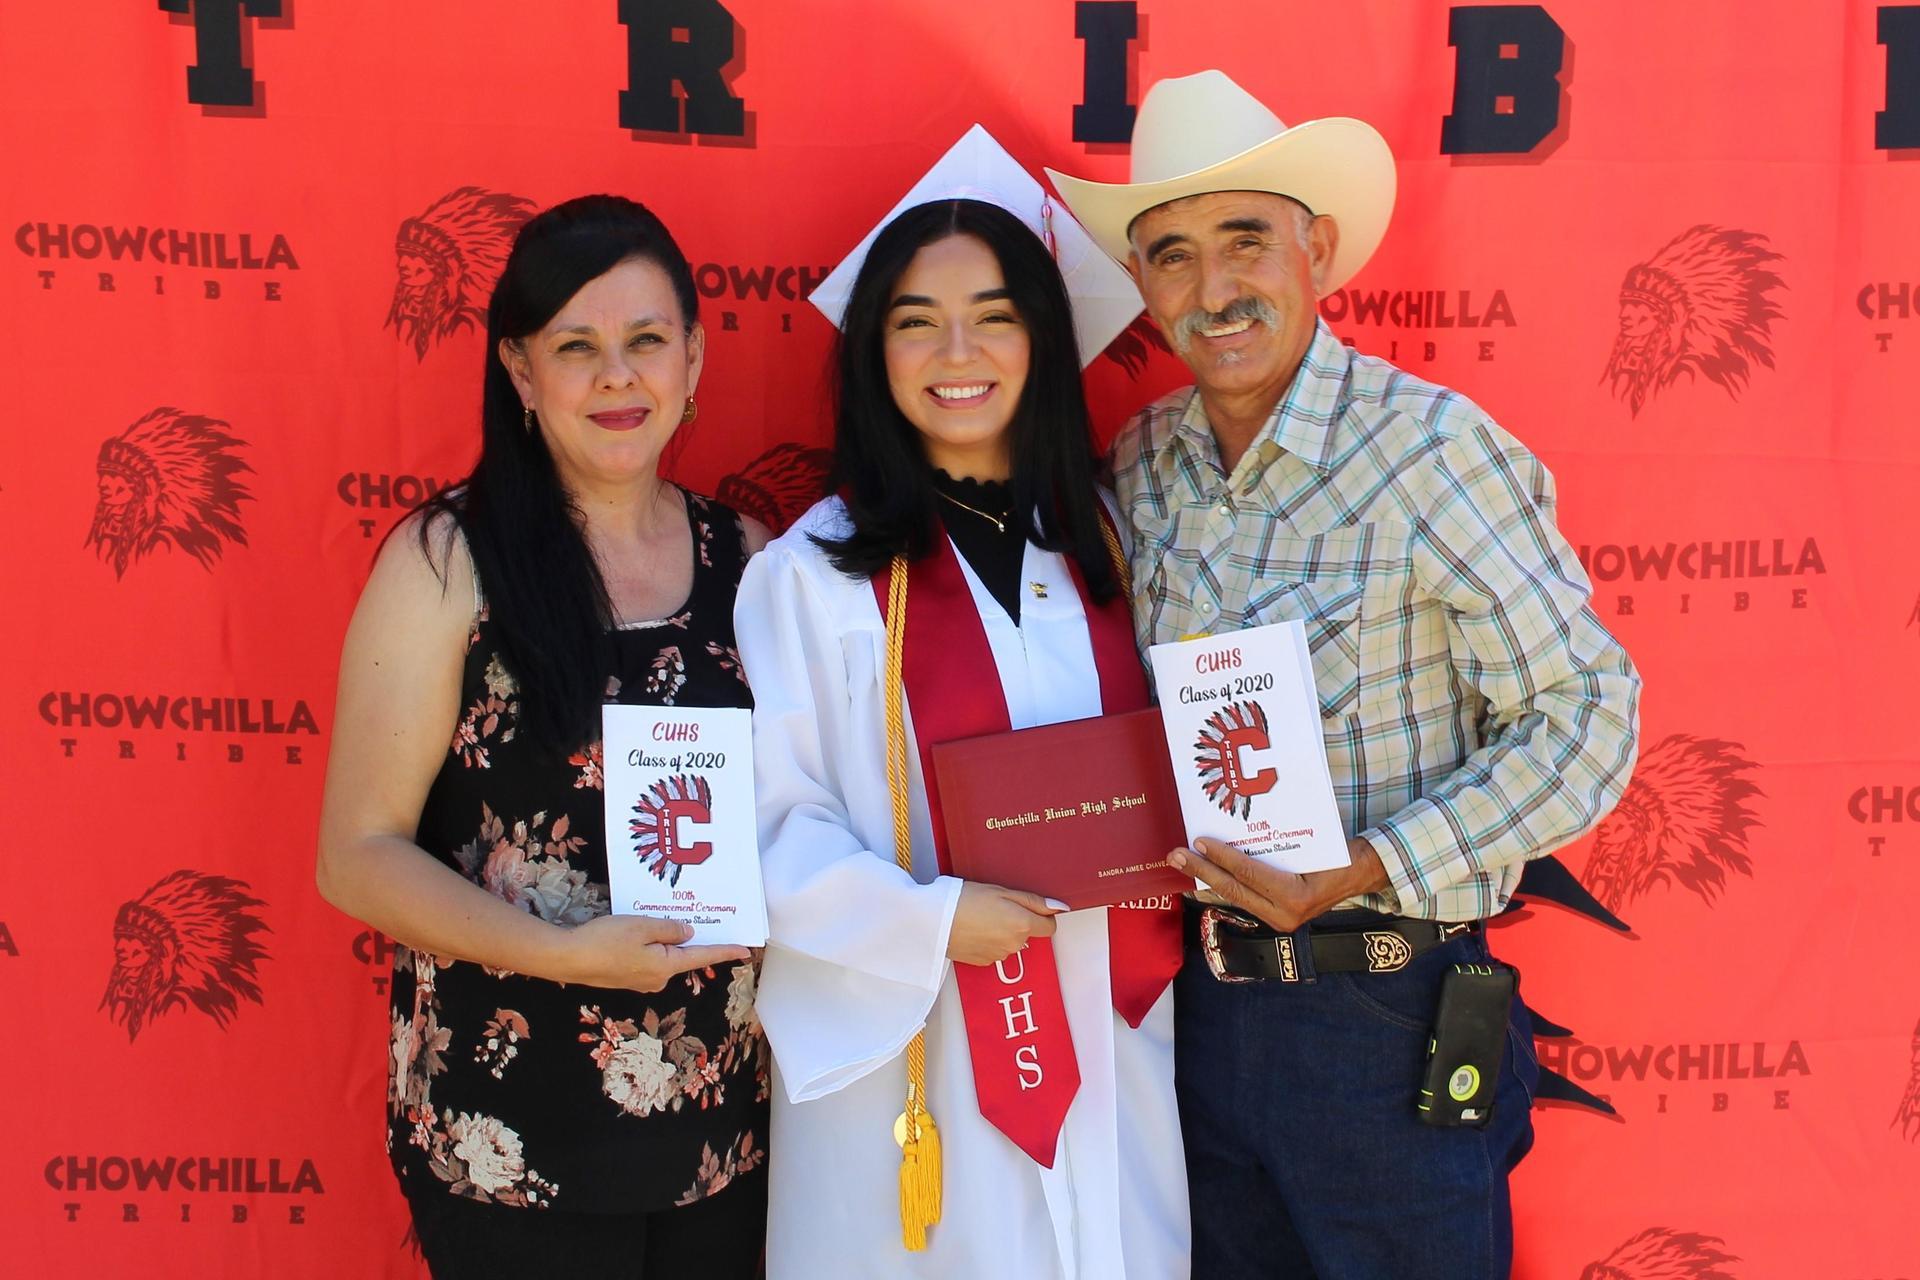 Sandra Chavez and family